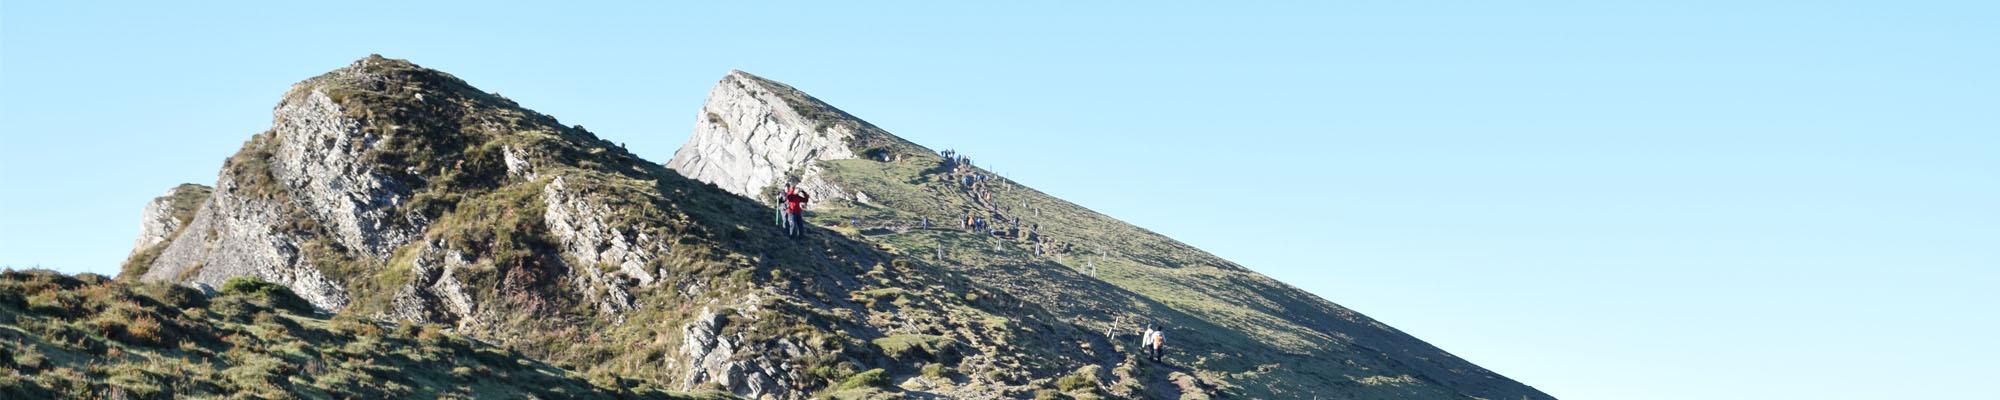 Conferencia de Gestión de Riesgos en Montaña